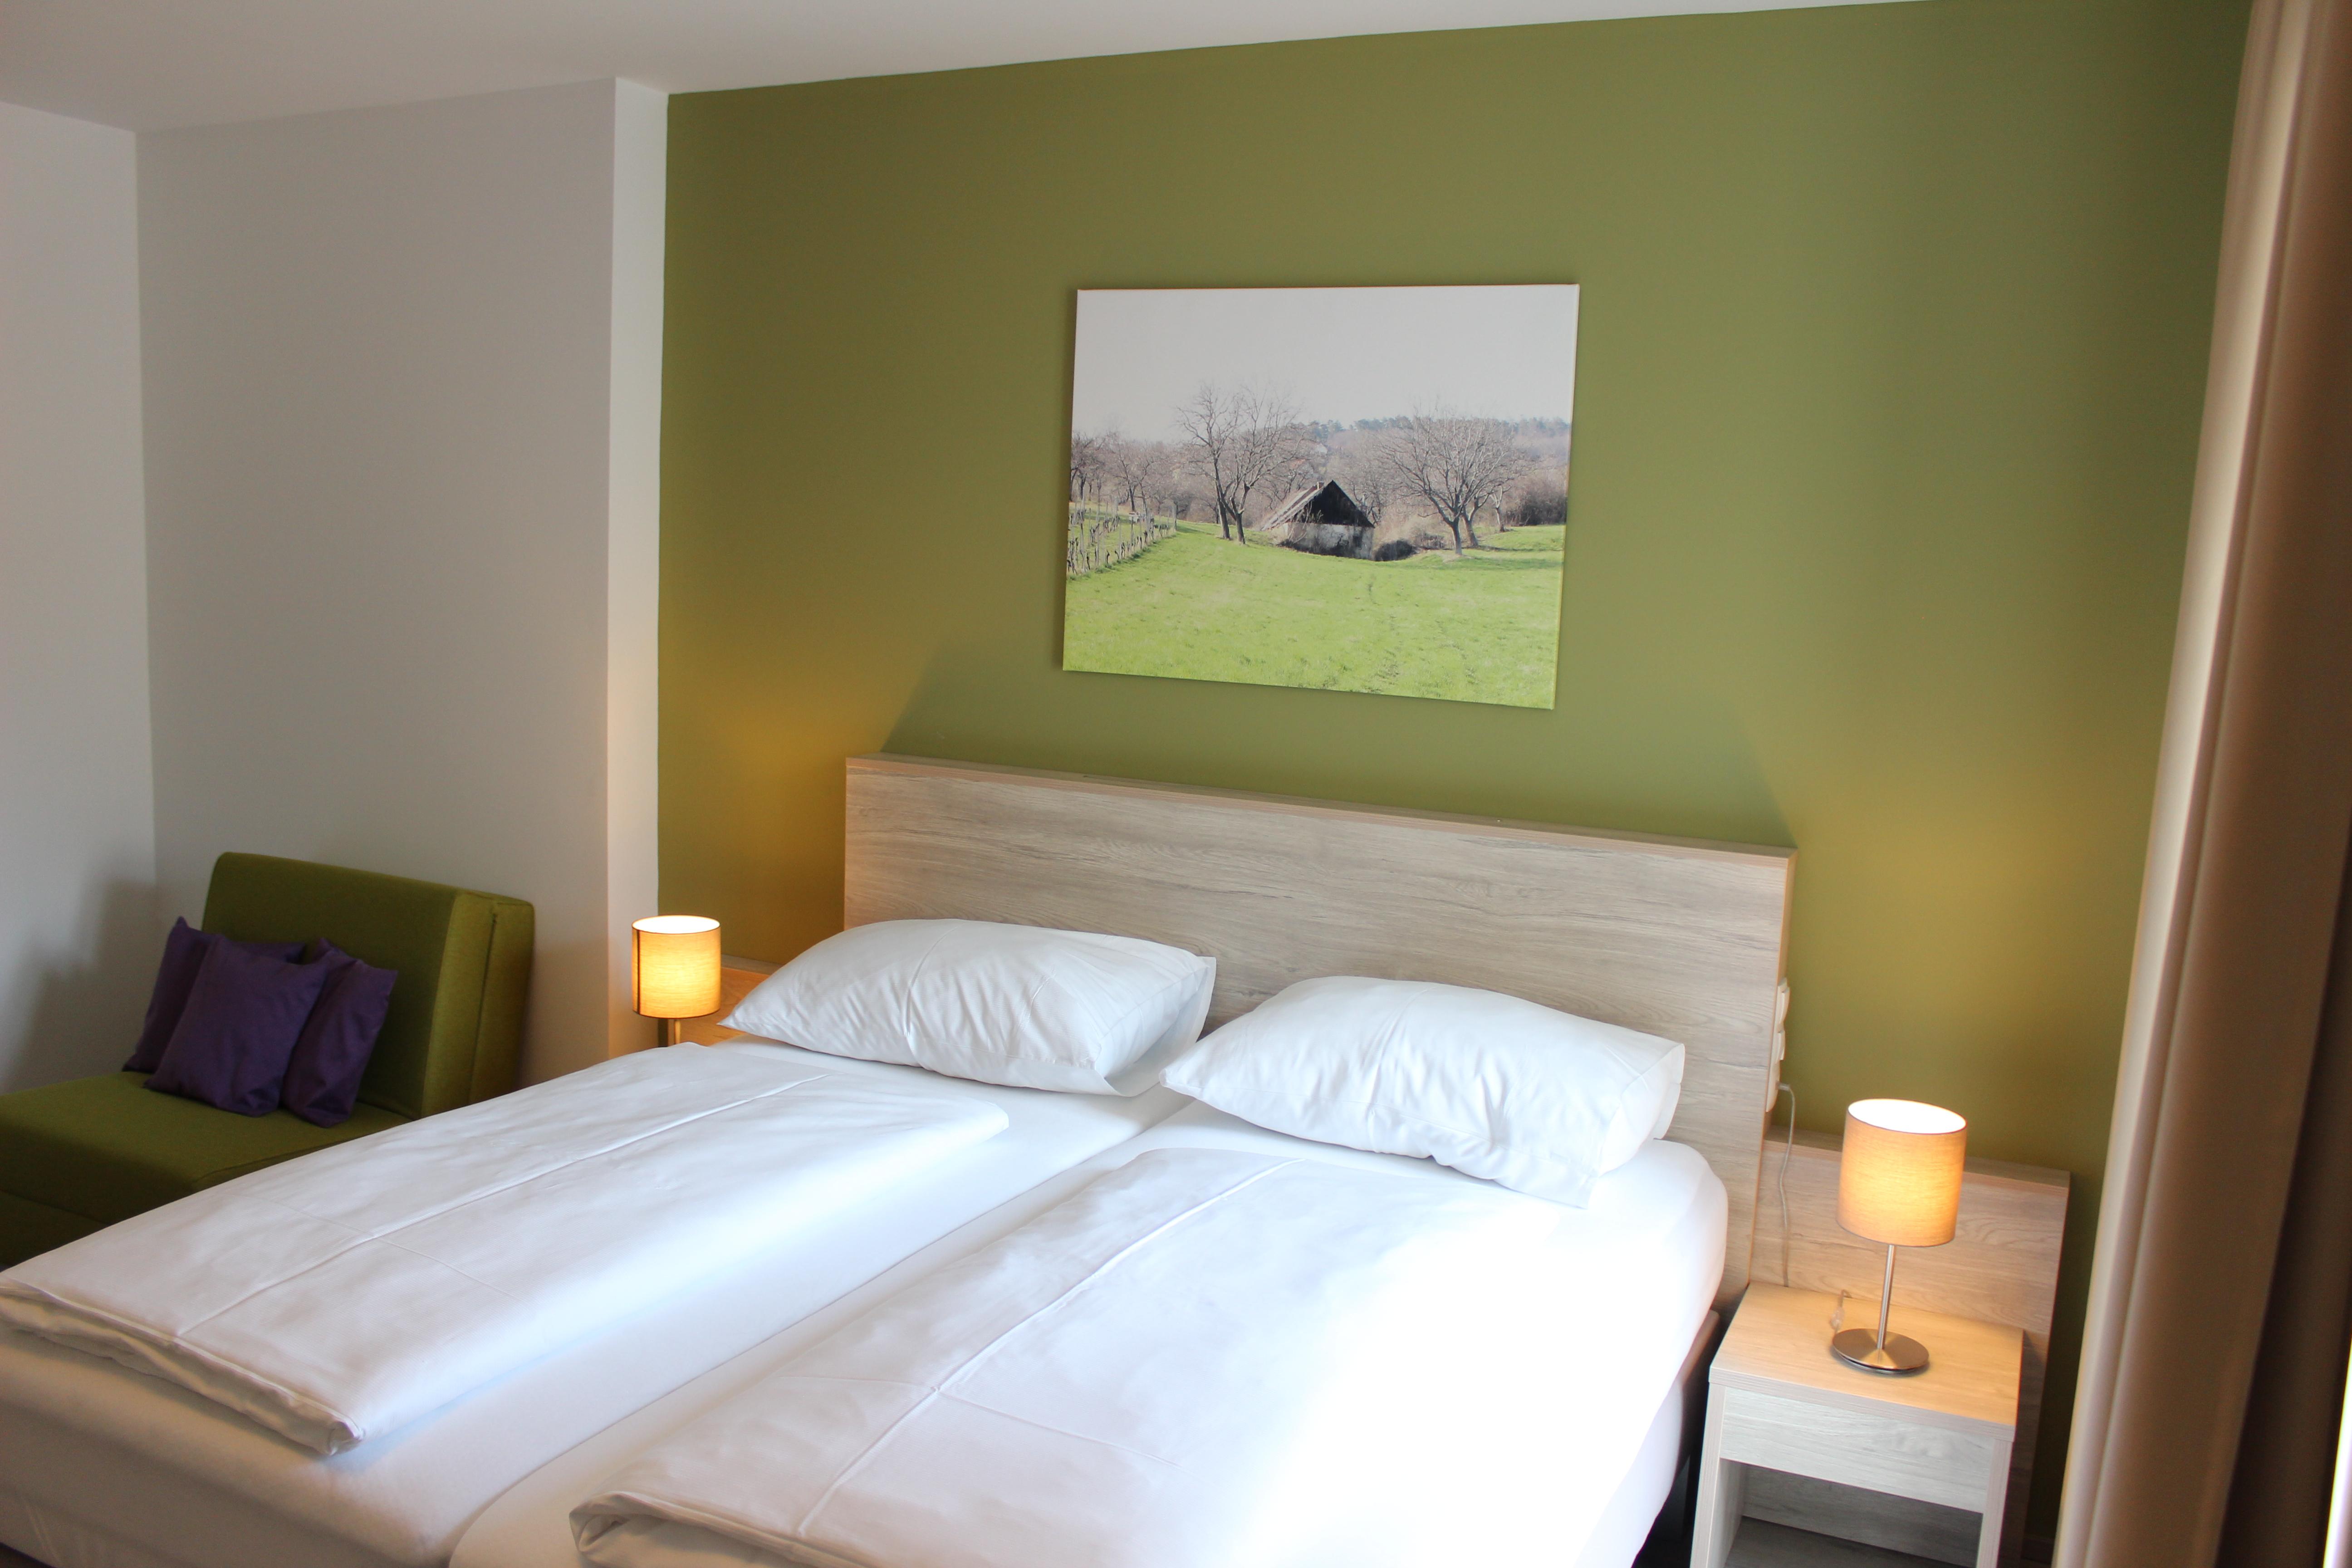 Doppelbett, Ansicht von vorne, Bild von Haus an grüner Wand